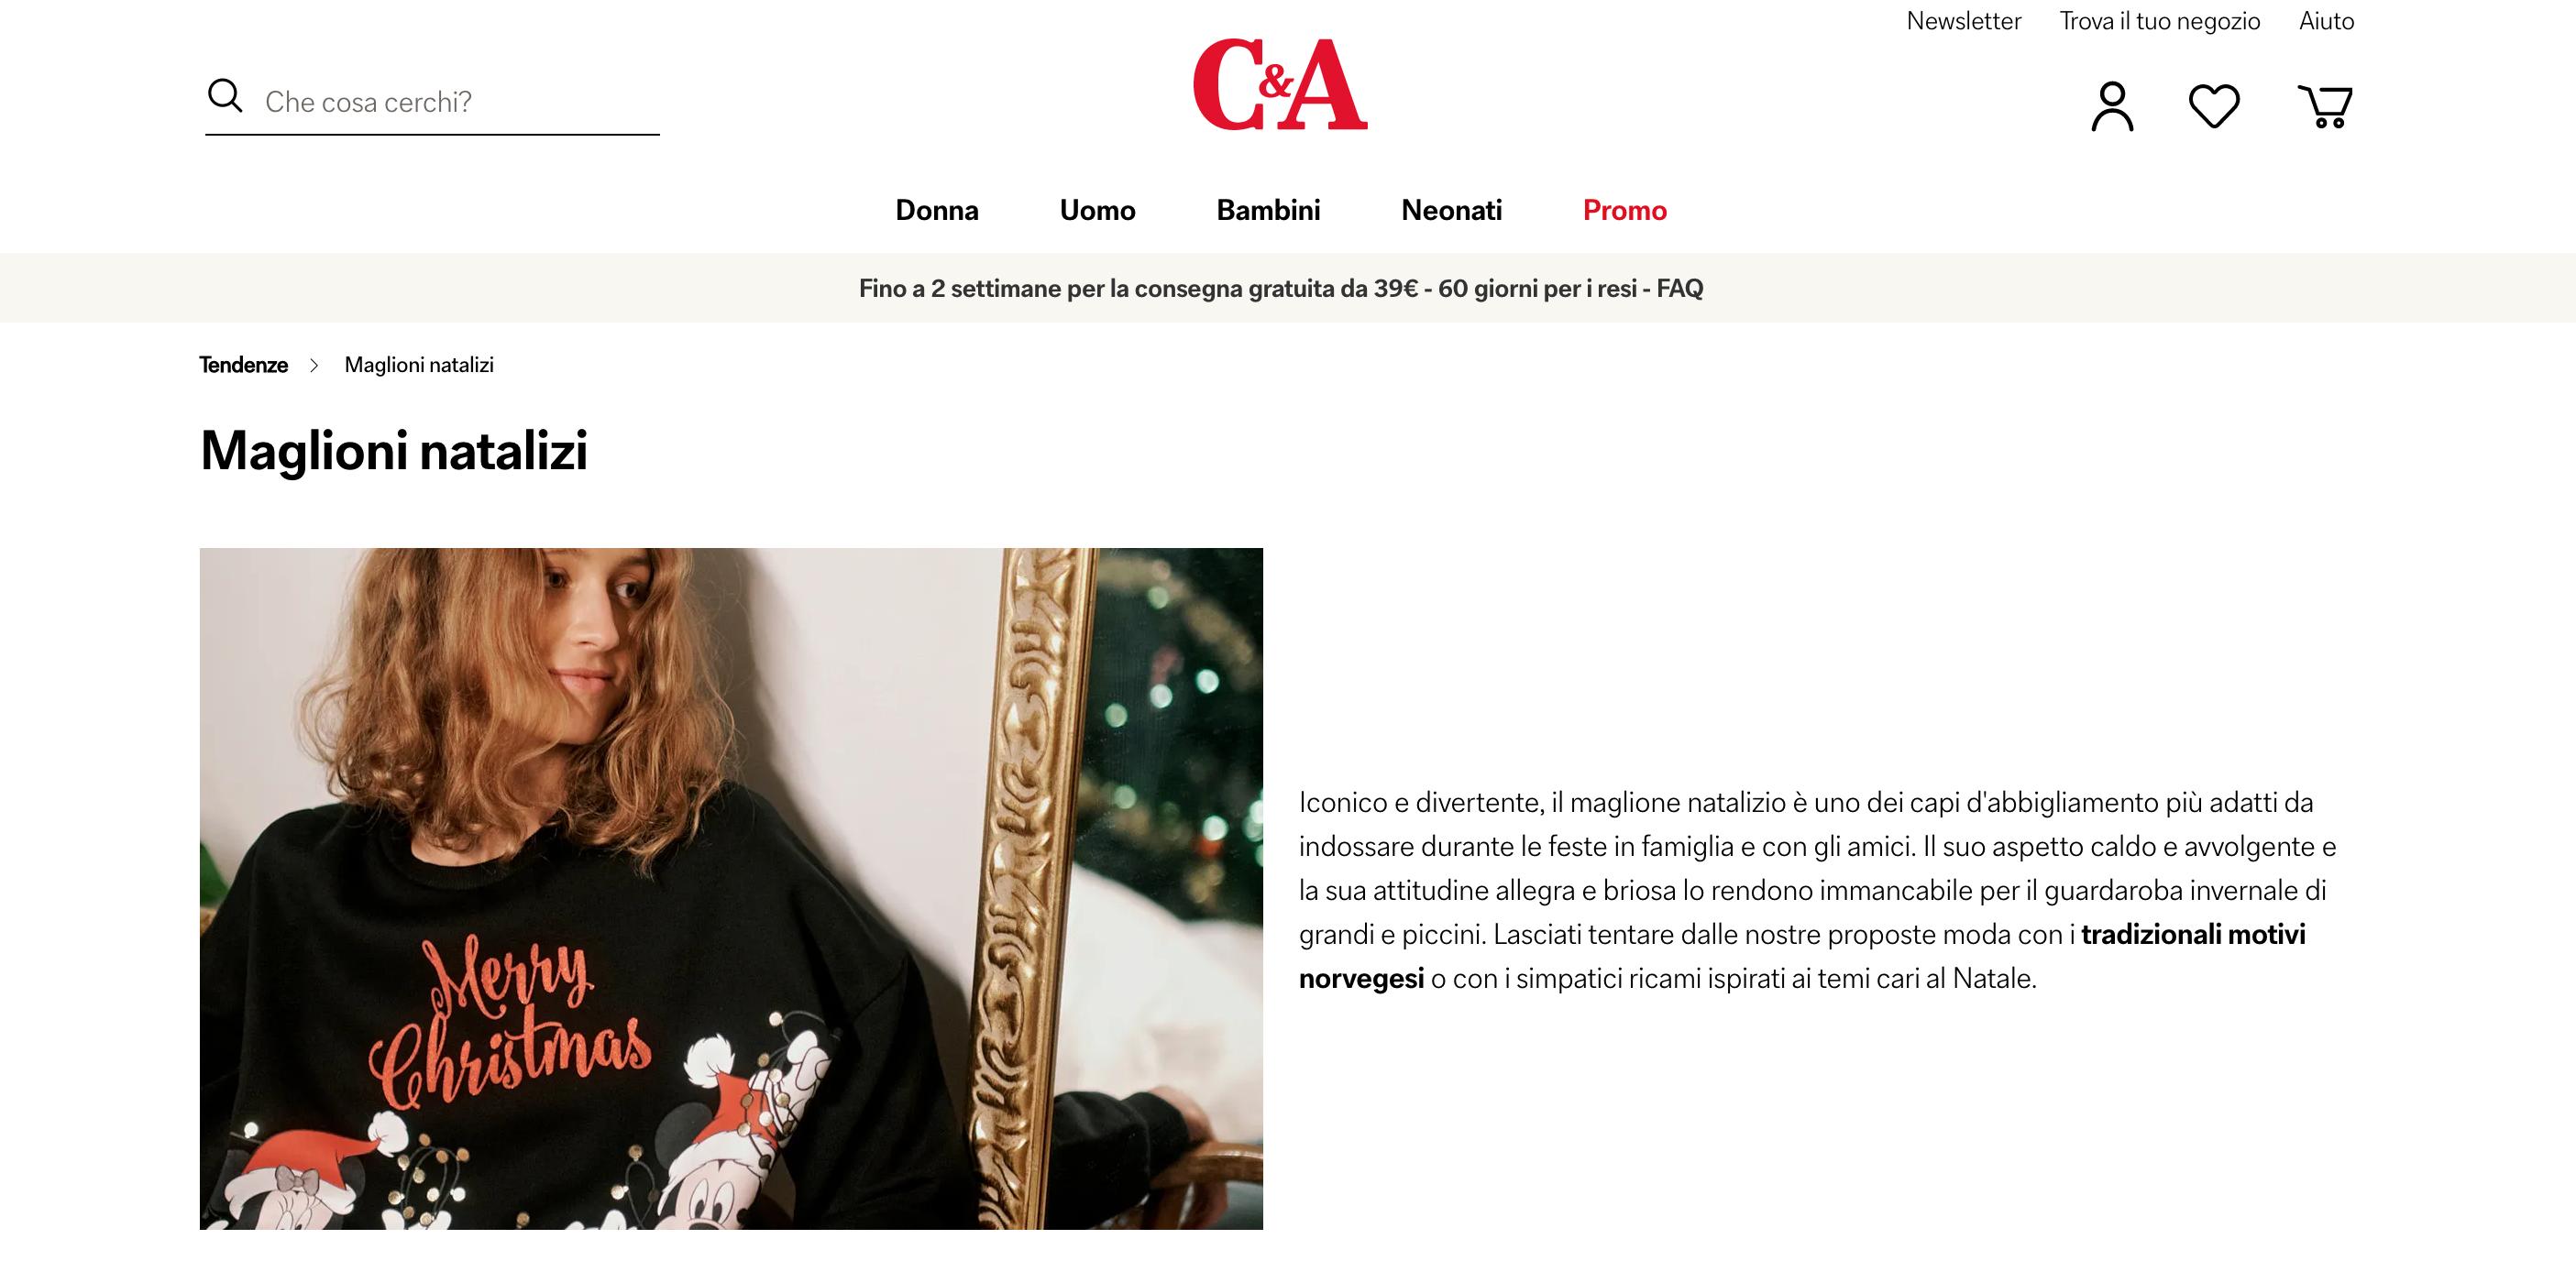 C&A Abbigliamento Natale